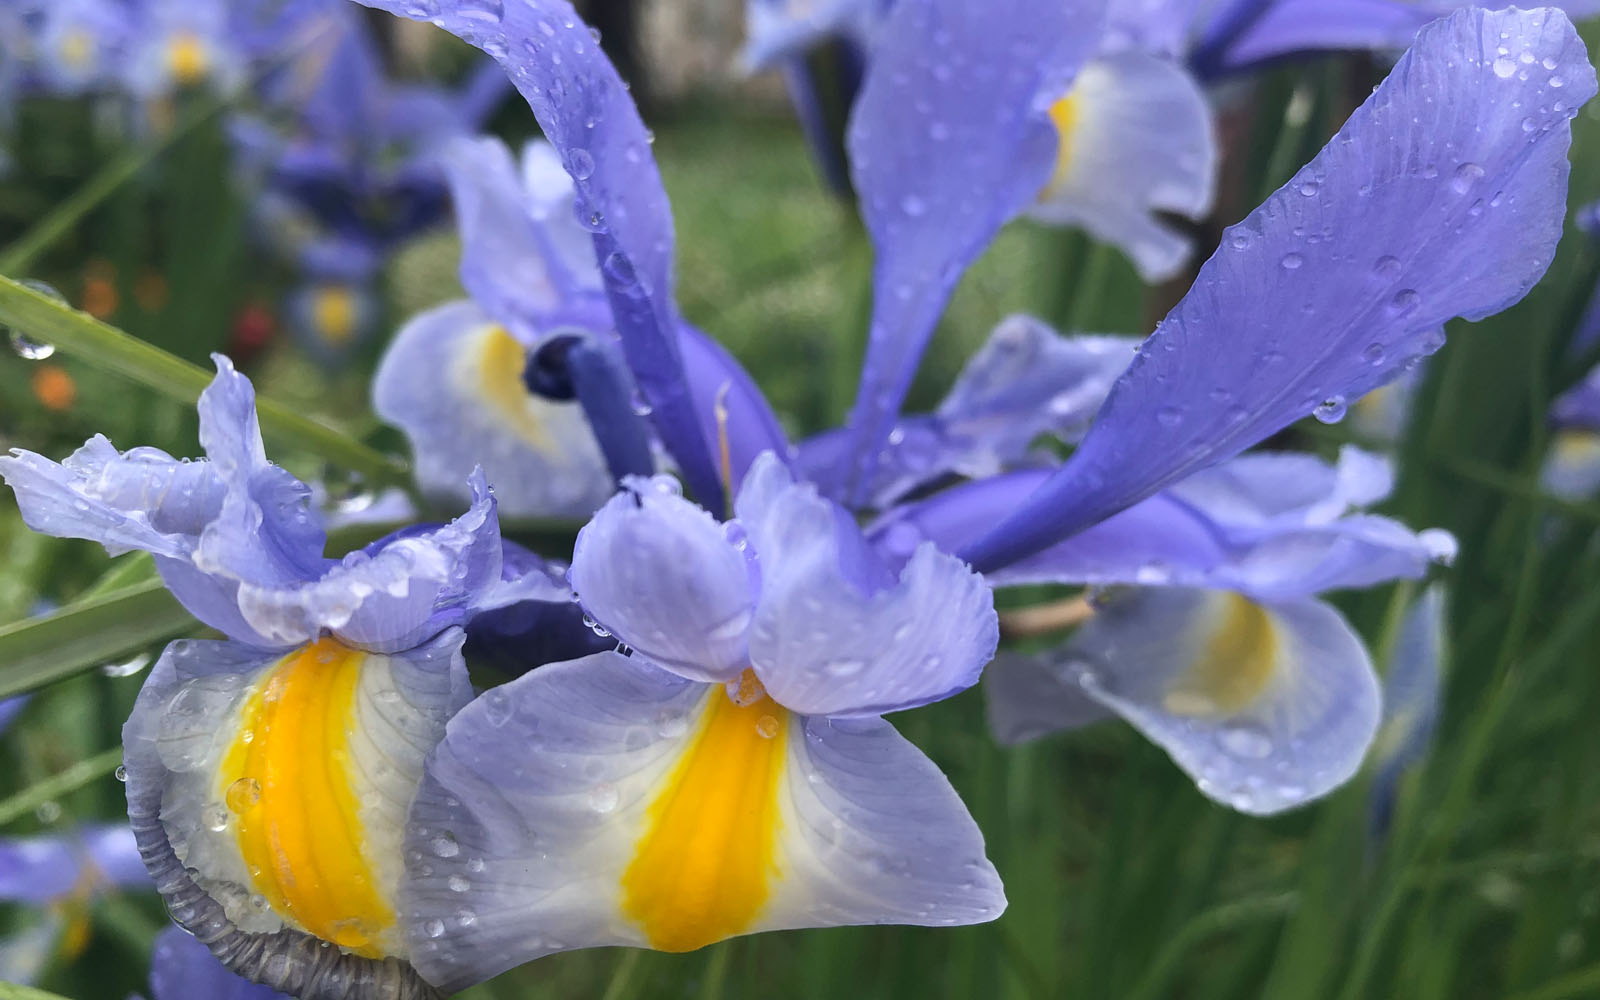 Iris in fiore, ammirati nella passeggiata che collega Pirano a Portorose.